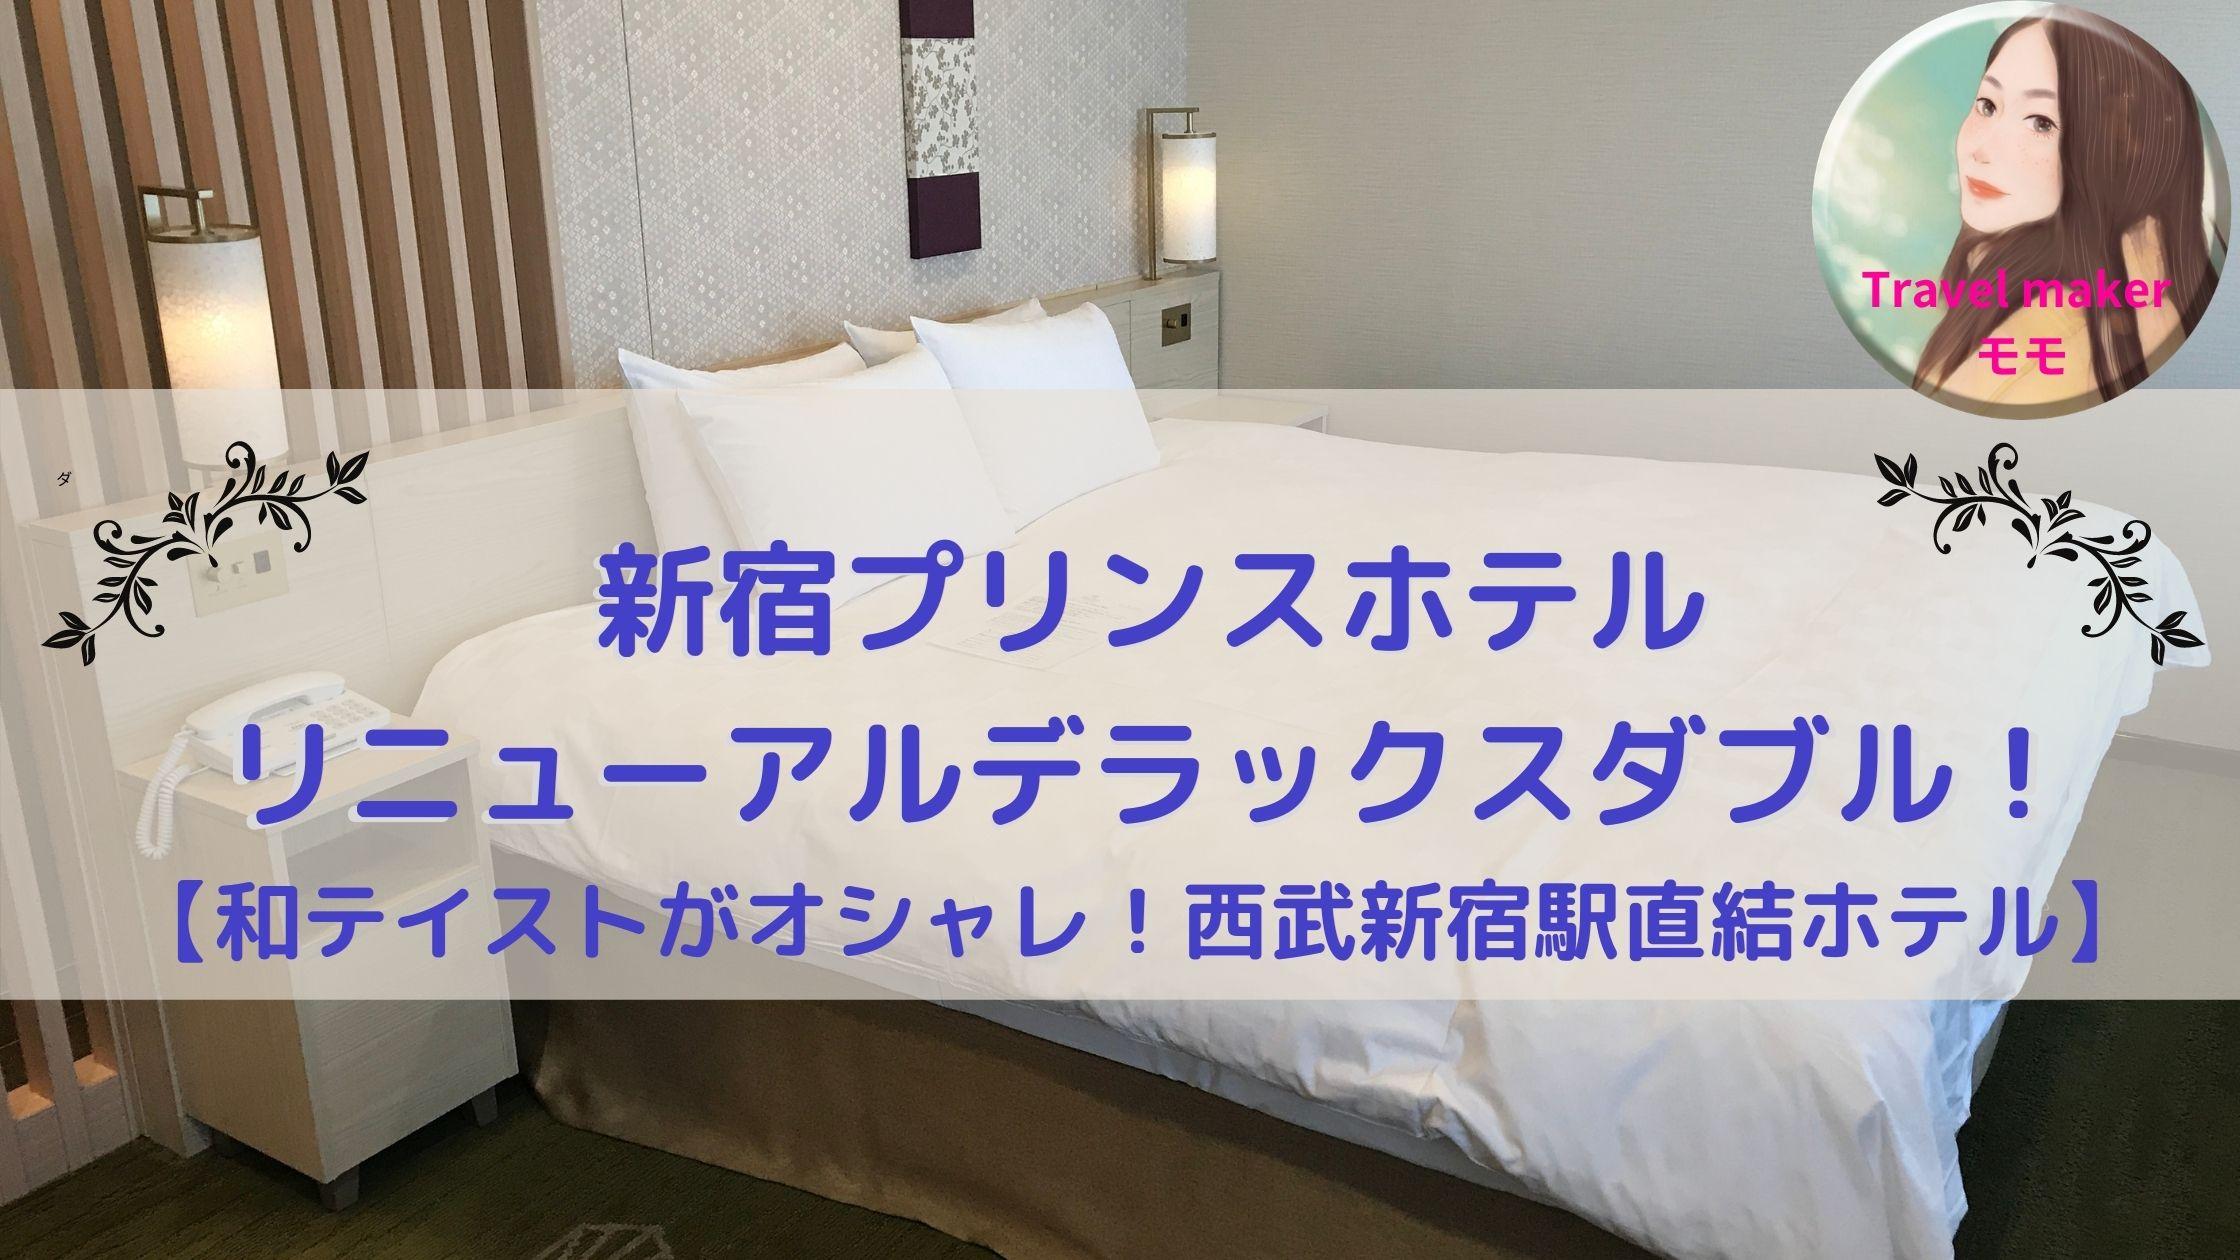 新宿プリンスホテル ブログ デラックスダブルルーム